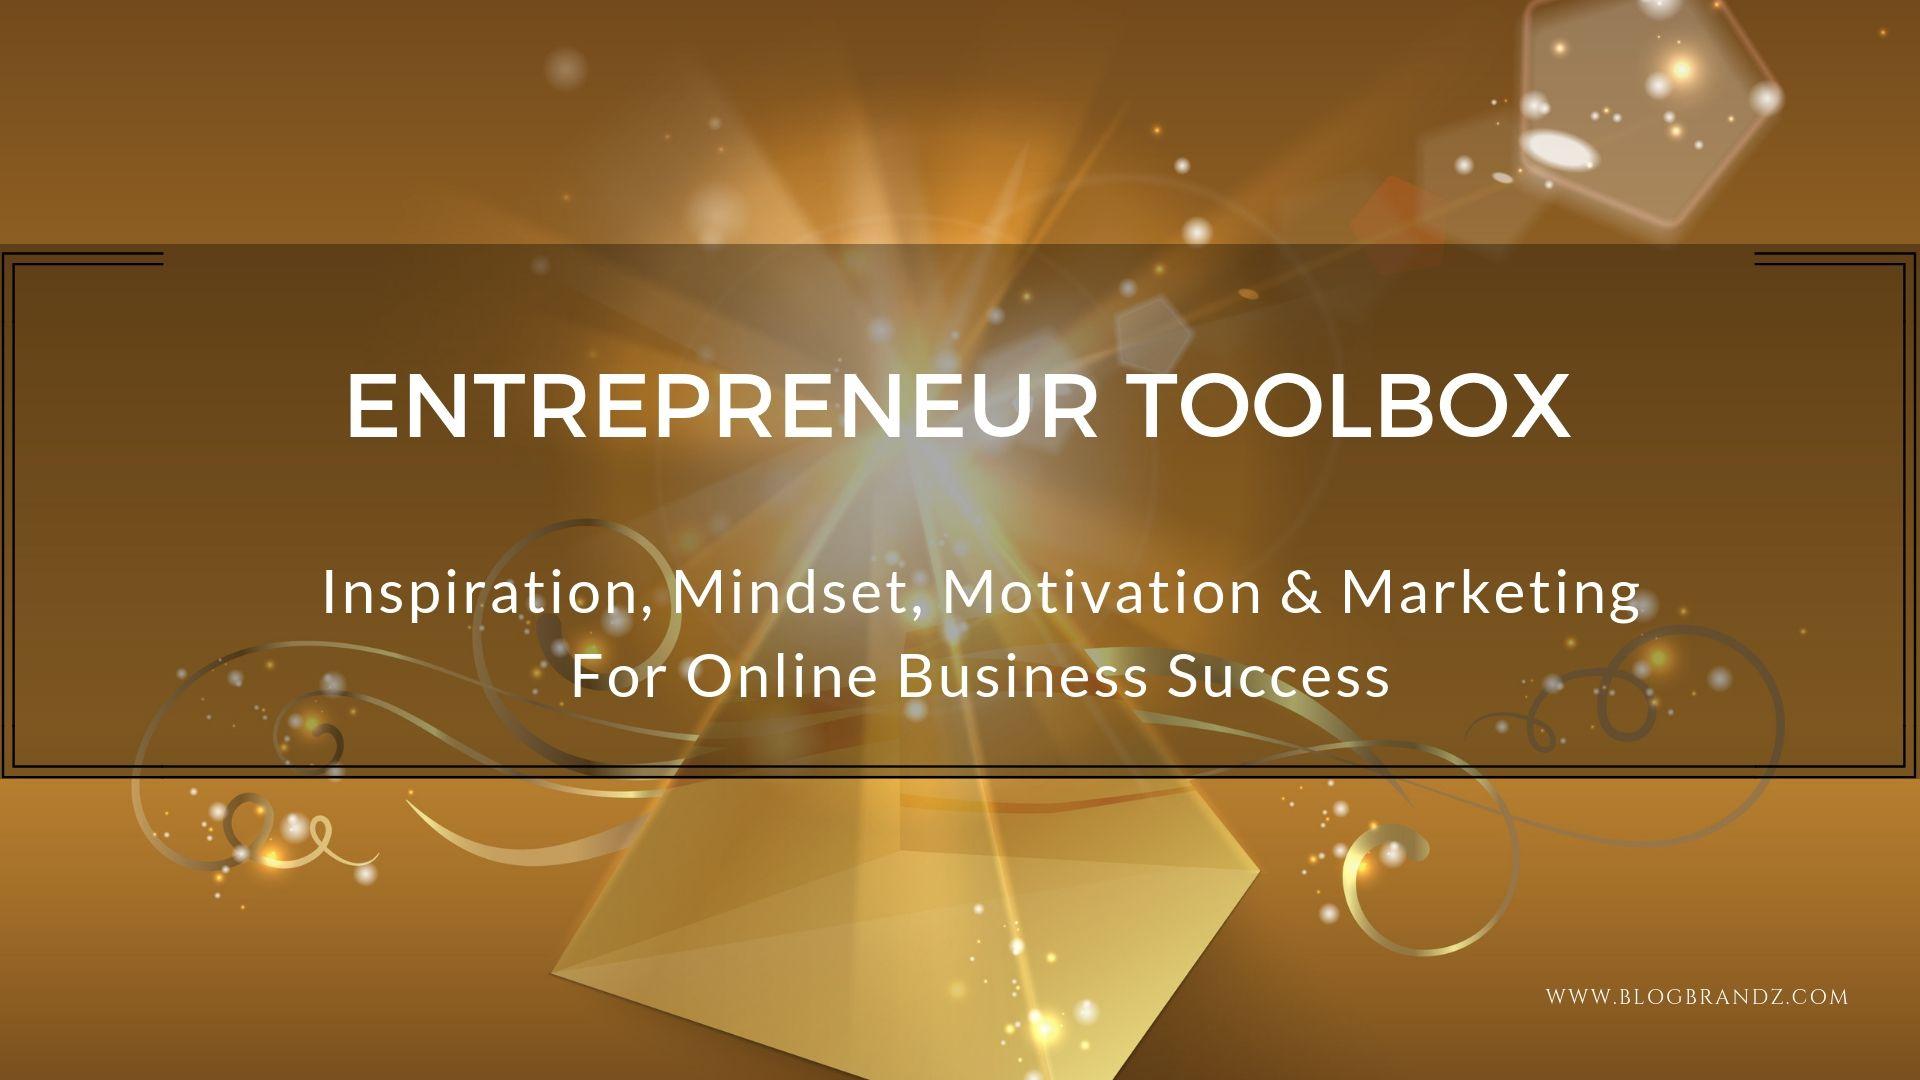 Entrepreneur Toolbox